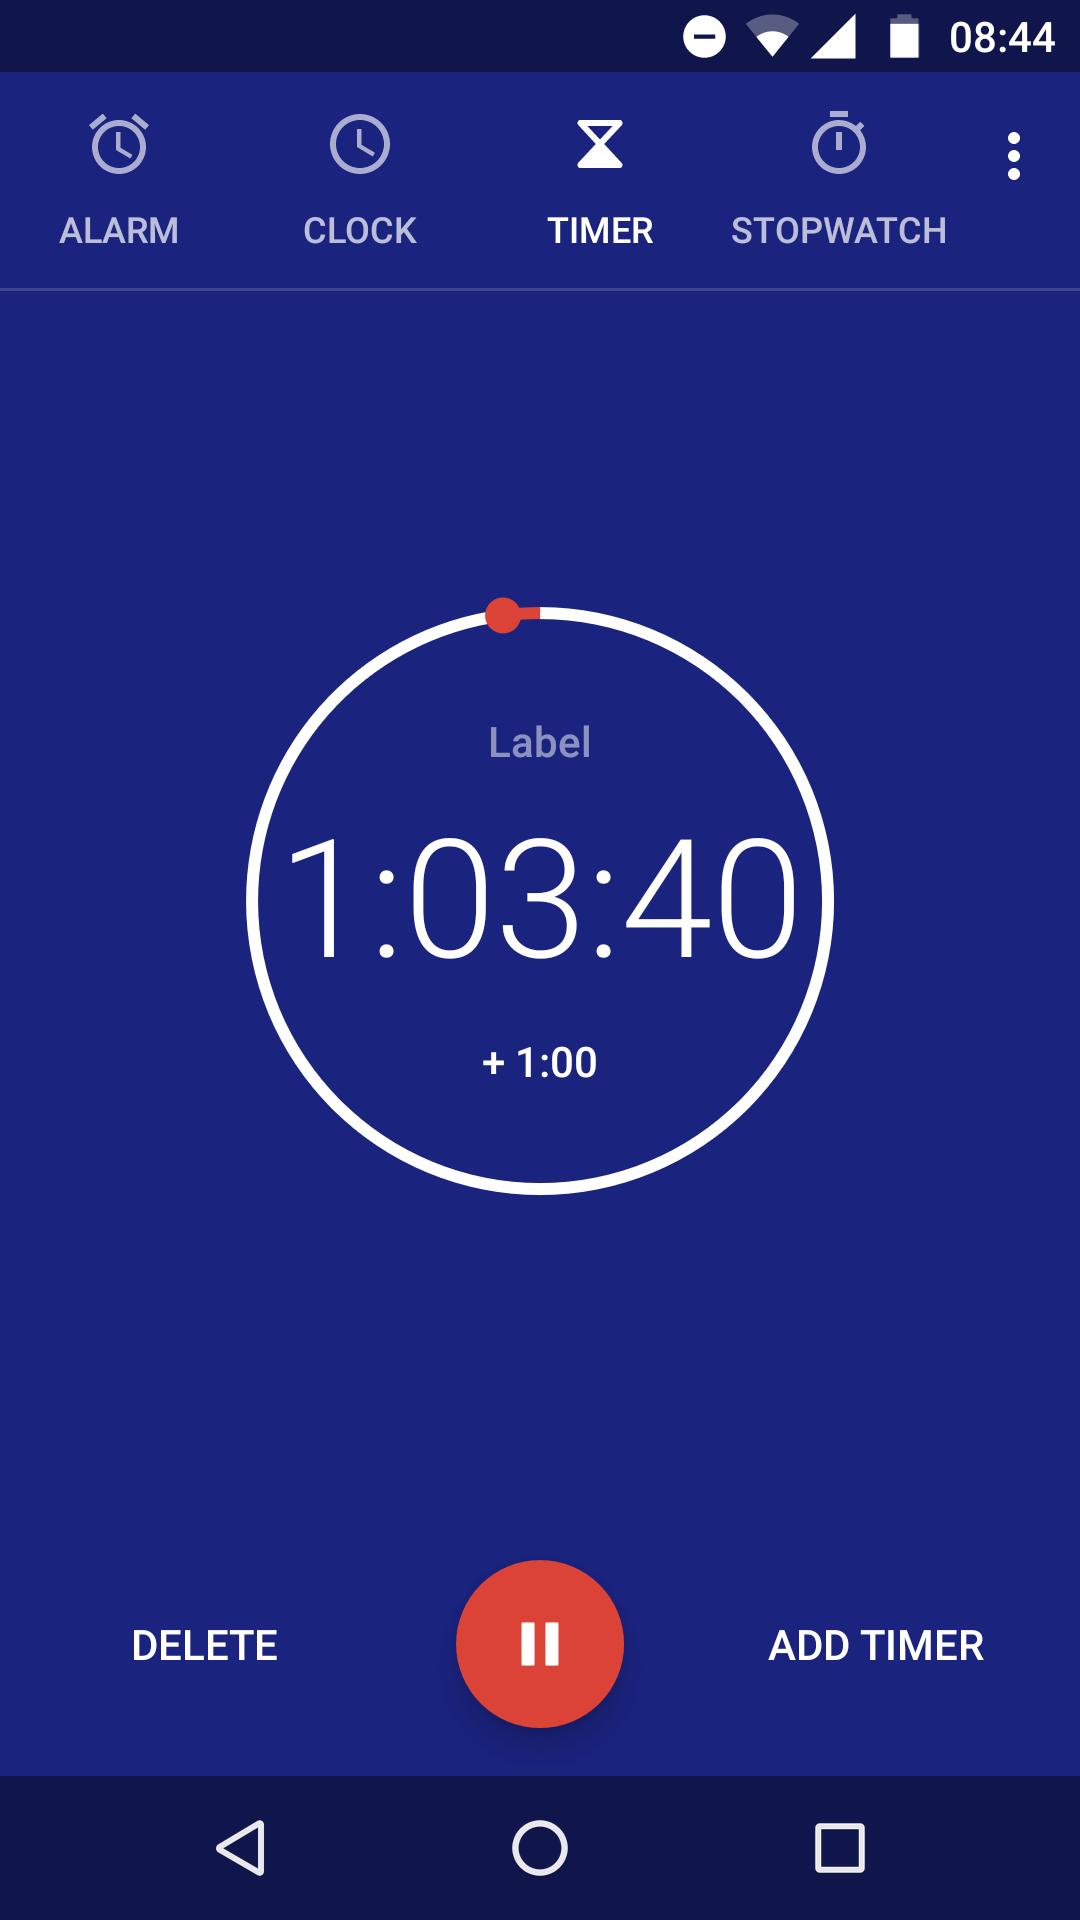 Aplicativo padrão de timer no Android